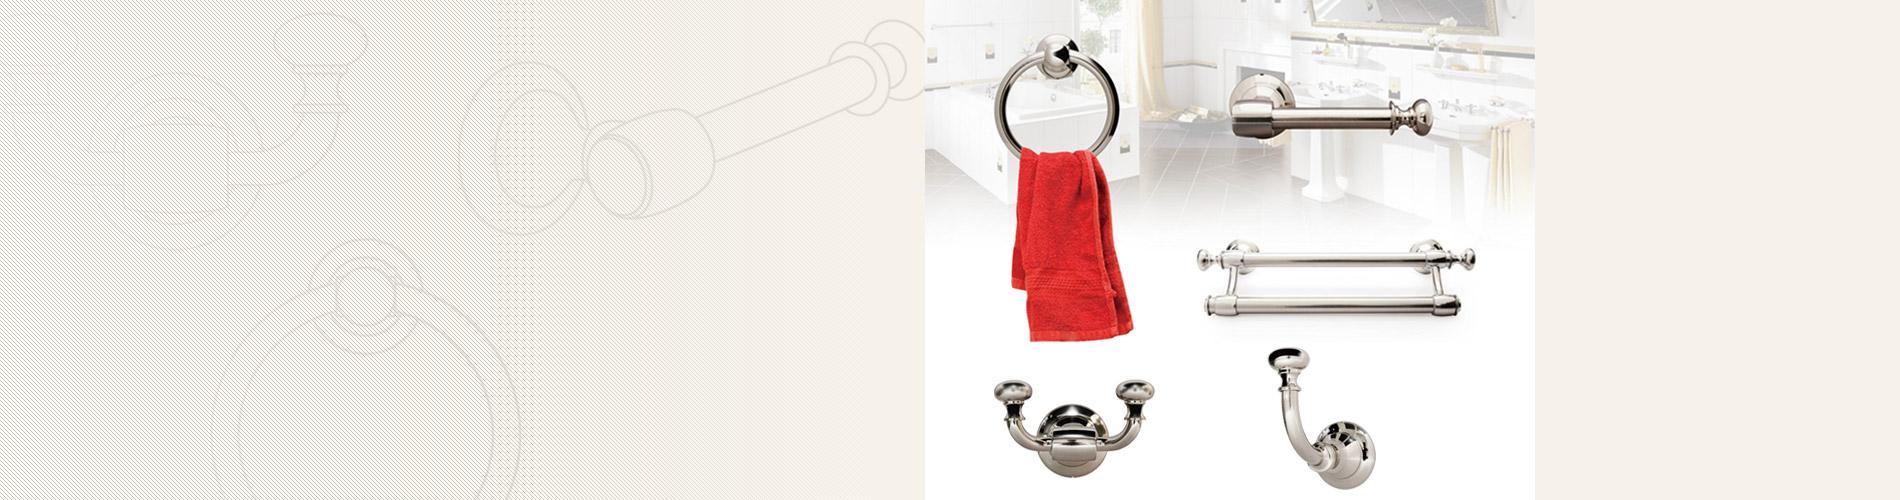 Perangkat Kamar Mandi Perangkat keras kamar mandi kami berisi rak handuk tunggal/ganda, cincin handuk, tempat tisu dan kait pakaian.